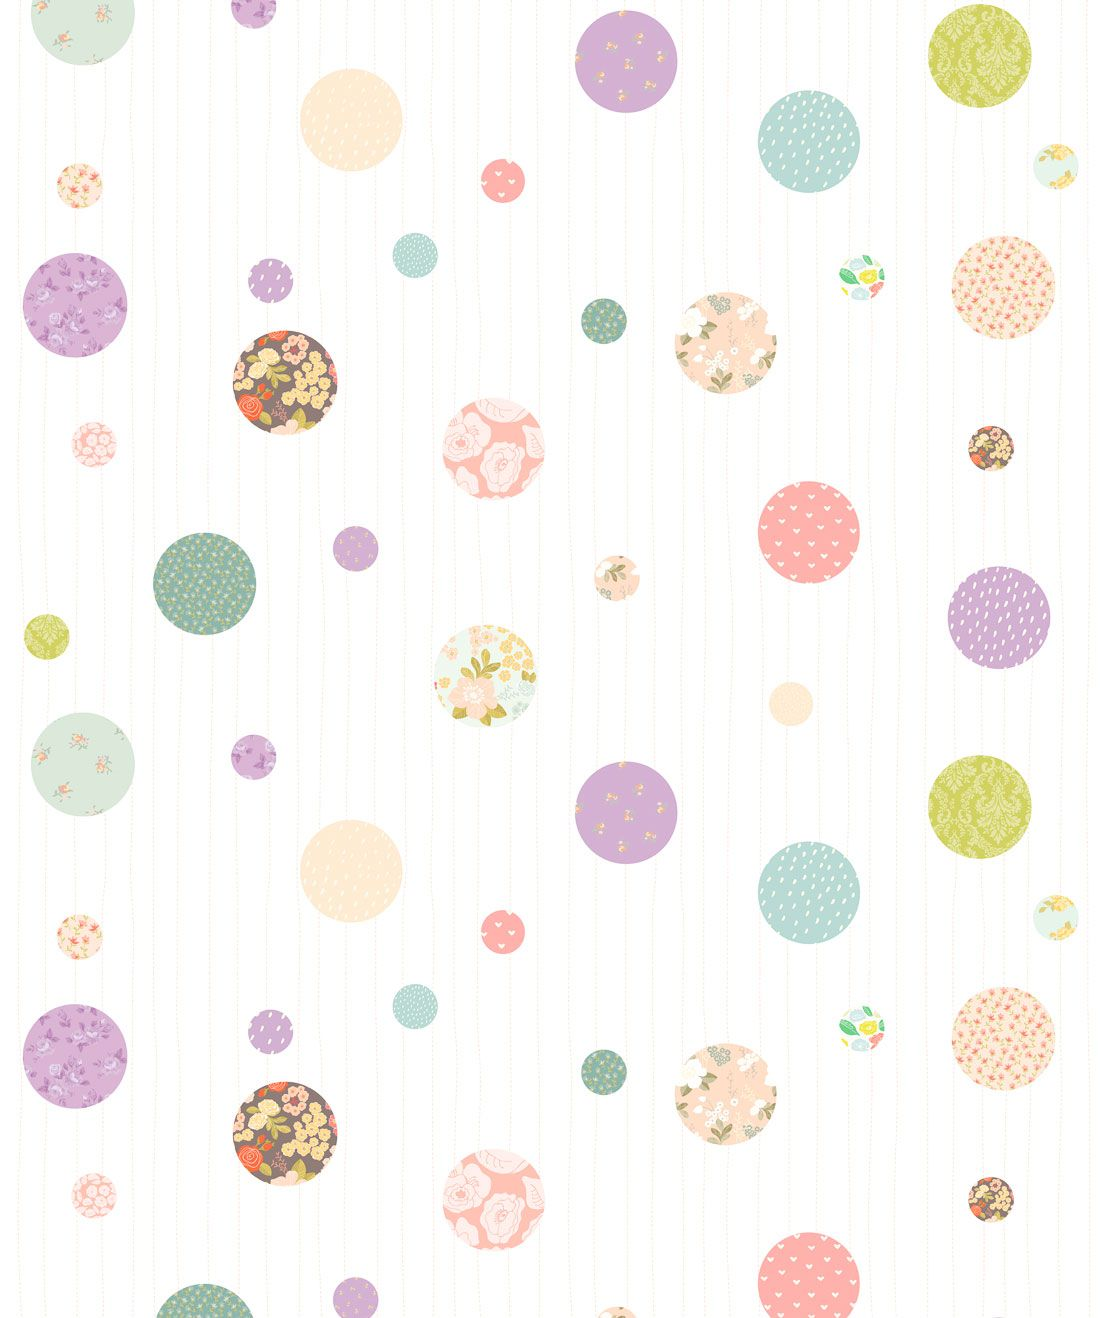 Polkadot Dreams Wallpaper